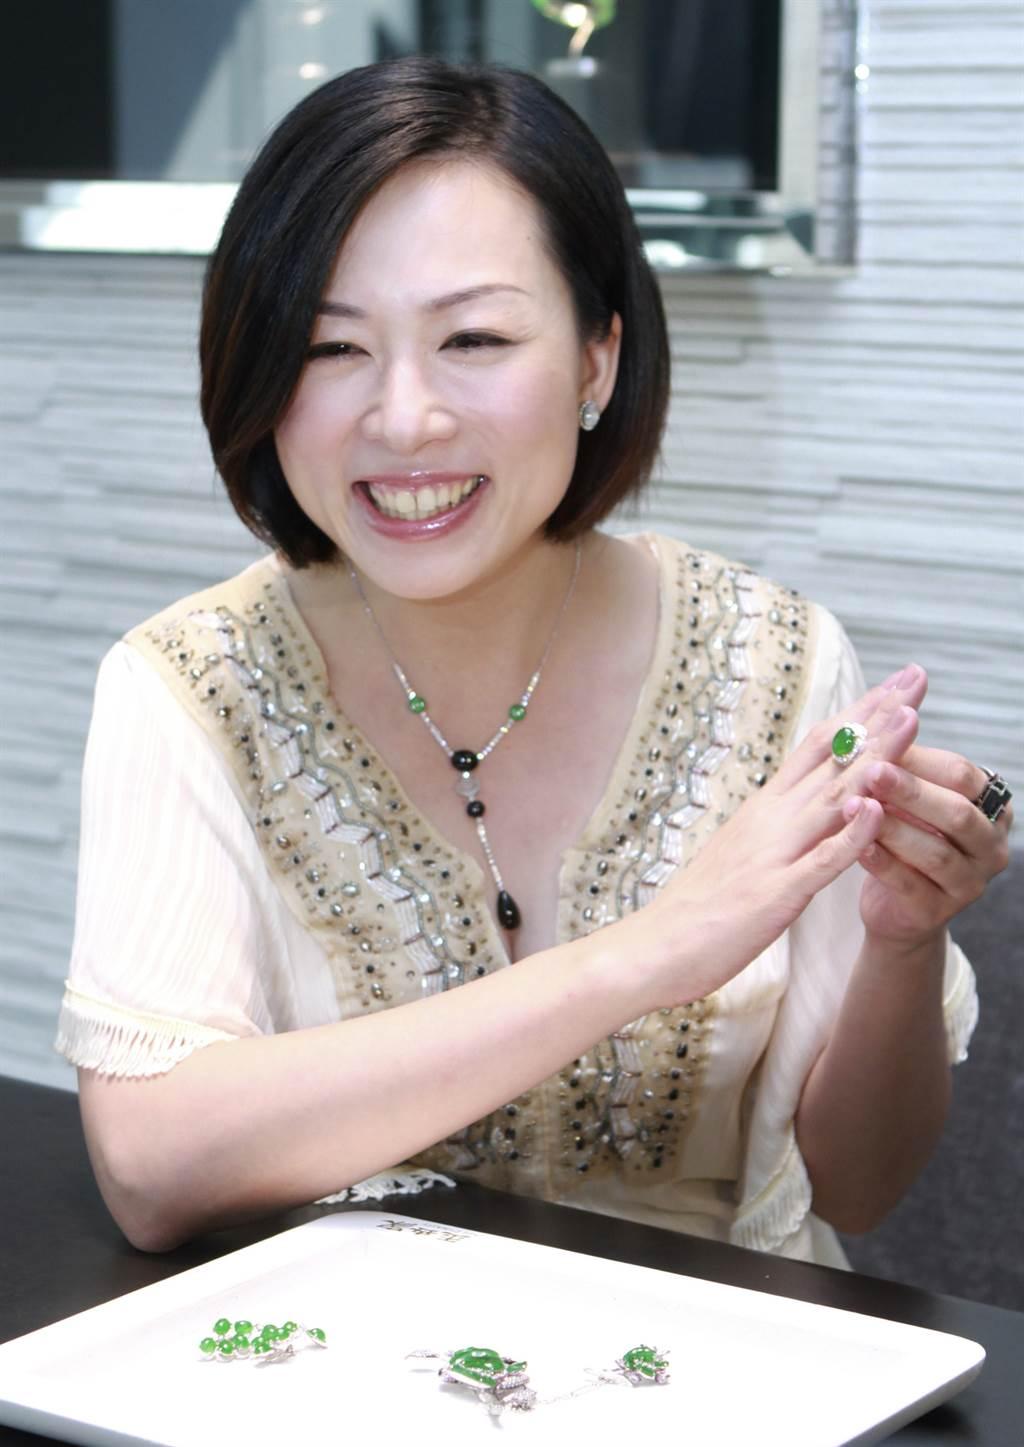 路永佳婚後出席公開活動,臉上總是洋溢著幸福笑容。(本報系資料照)